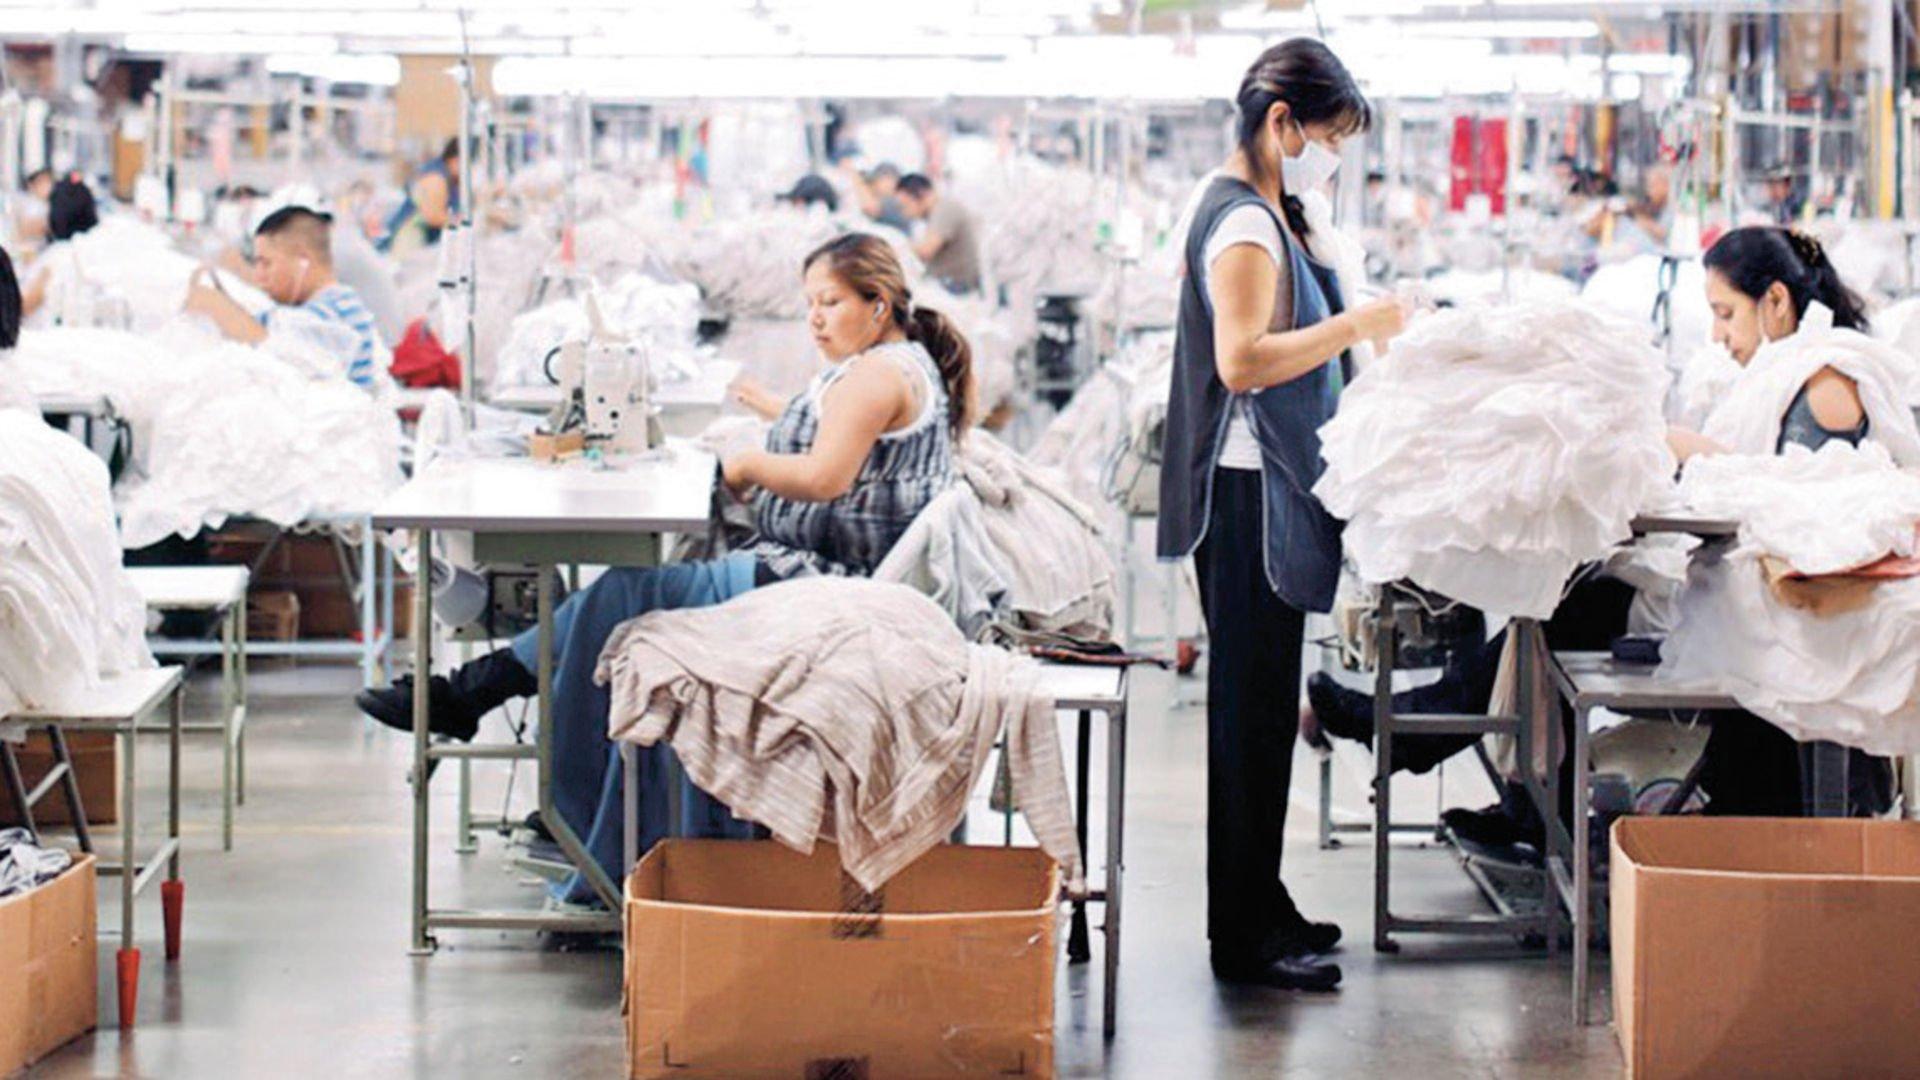 Dünyadaki en pahalı markalar. Moda dünyasında en ünlü ve popüler markaların listesi